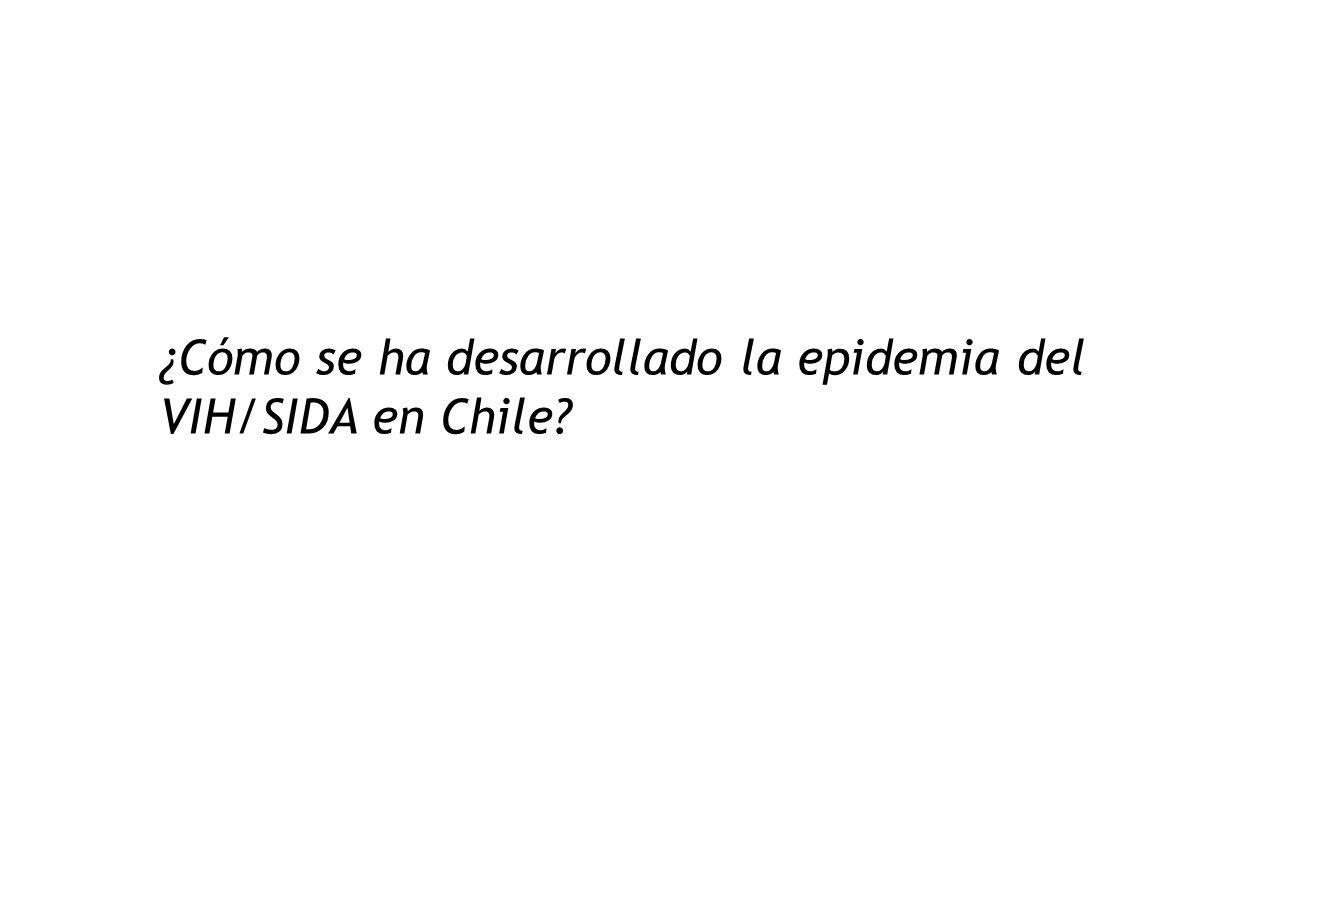 ¿Cómo se ha desarrollado la epidemia del VIH/SIDA en Chile